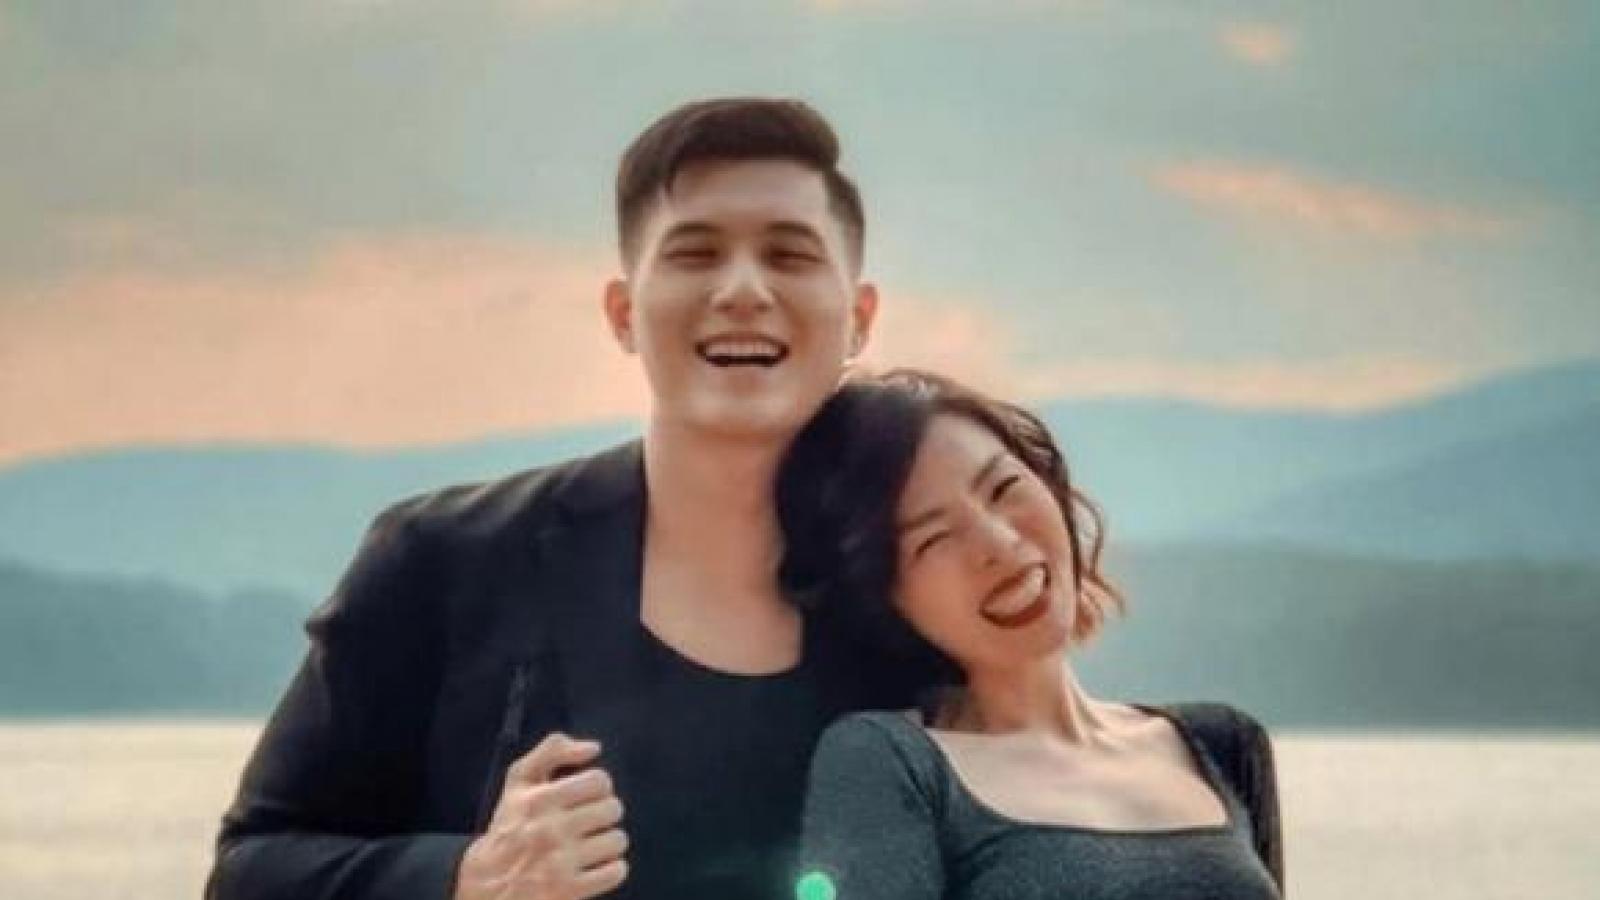 Chuyện showbiz: Lâm Bảo Châu khoe khung hình tình yêu bên bạn gái Lệ Quyên